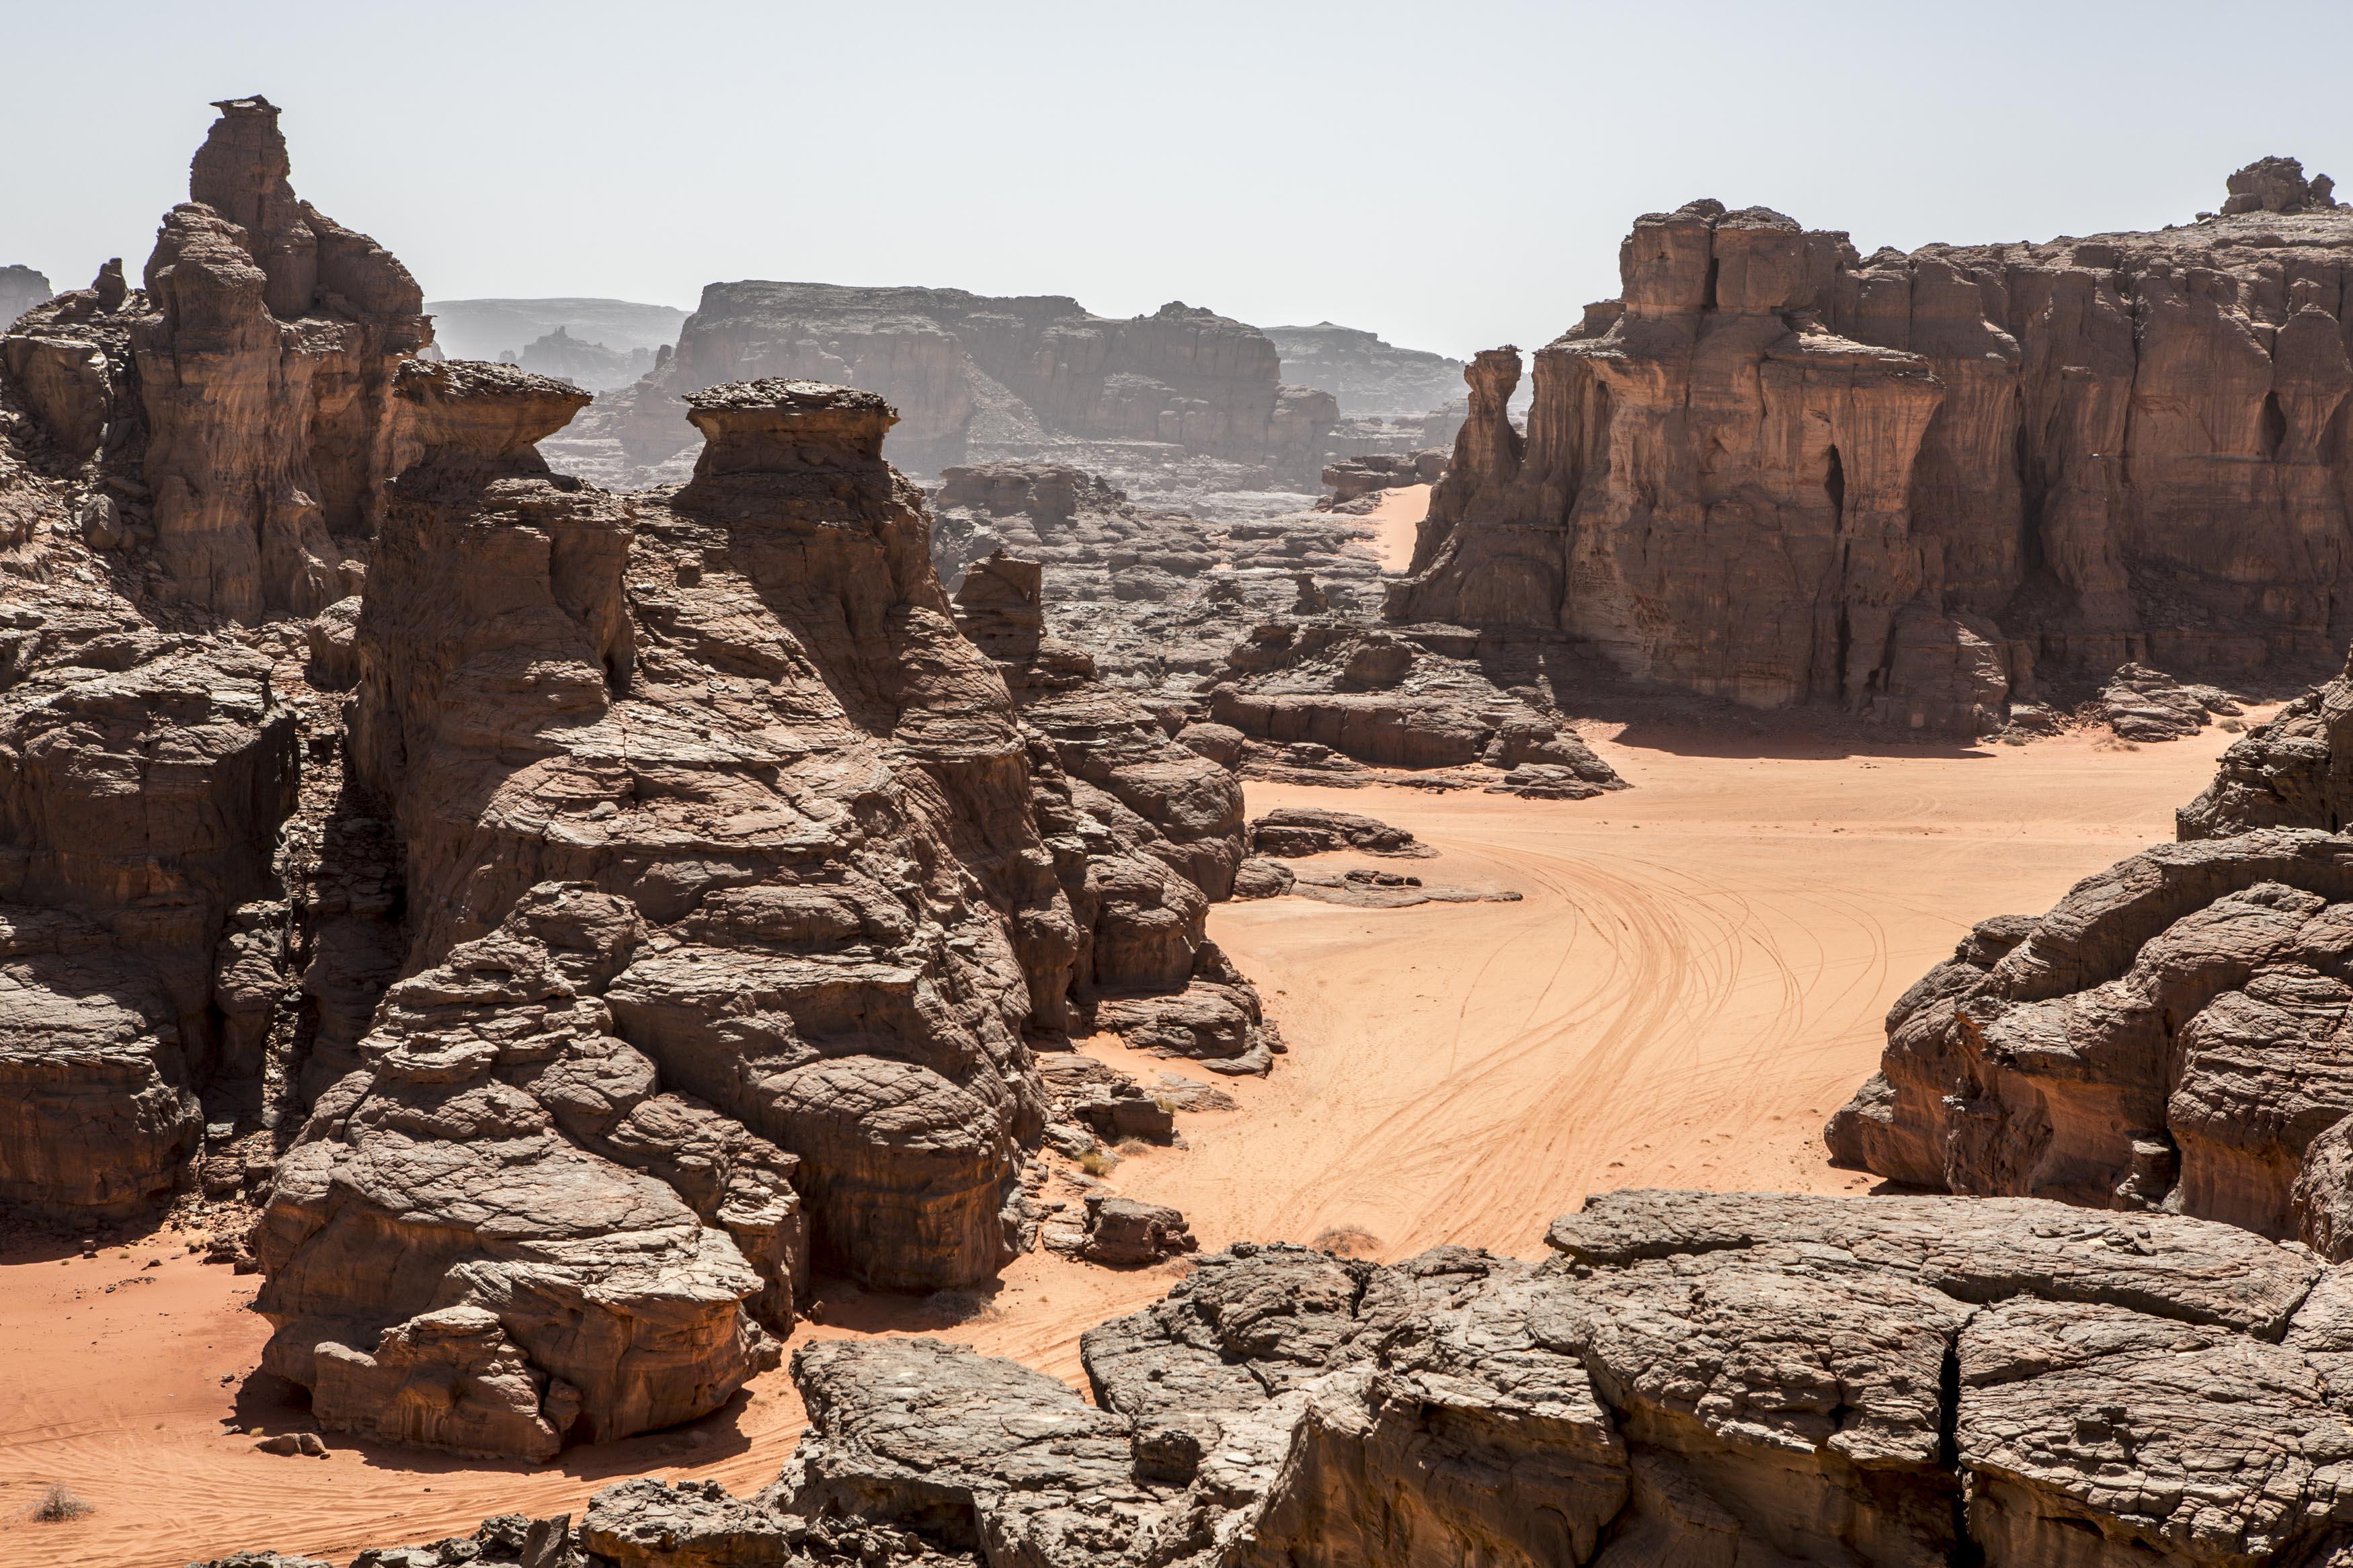 Landscape of the Tadrart.The Tadrart (200 km southeast of Djanet) is located in the south of the Tassili N'Ajjer National Park and is part of one of the most beautiful desert in the world but above all the central Sahara.From huge canyons to cliffs carved with rocky peaks of various shapes mix with dunes of colored sand with yellow and red reflections. The Tadrart, Algeria-February 9, 2017. Paysage de la Tadrart. La Tadrart (200 km au sud-est de Djanet) se situe dans le sud du Parc National du Tassili N'Ajjer et il fait partie d'un des plus beau désert au monde mais avant tout du Sahara central. D'immenses canyons aux falaises sculptées avec de pitons rocheux aux formes les plus diverses  se mélangent avec des dunes de sable coloré aux reflets jaune et rouge. La Tadrart, Algérie-9 février 2017.